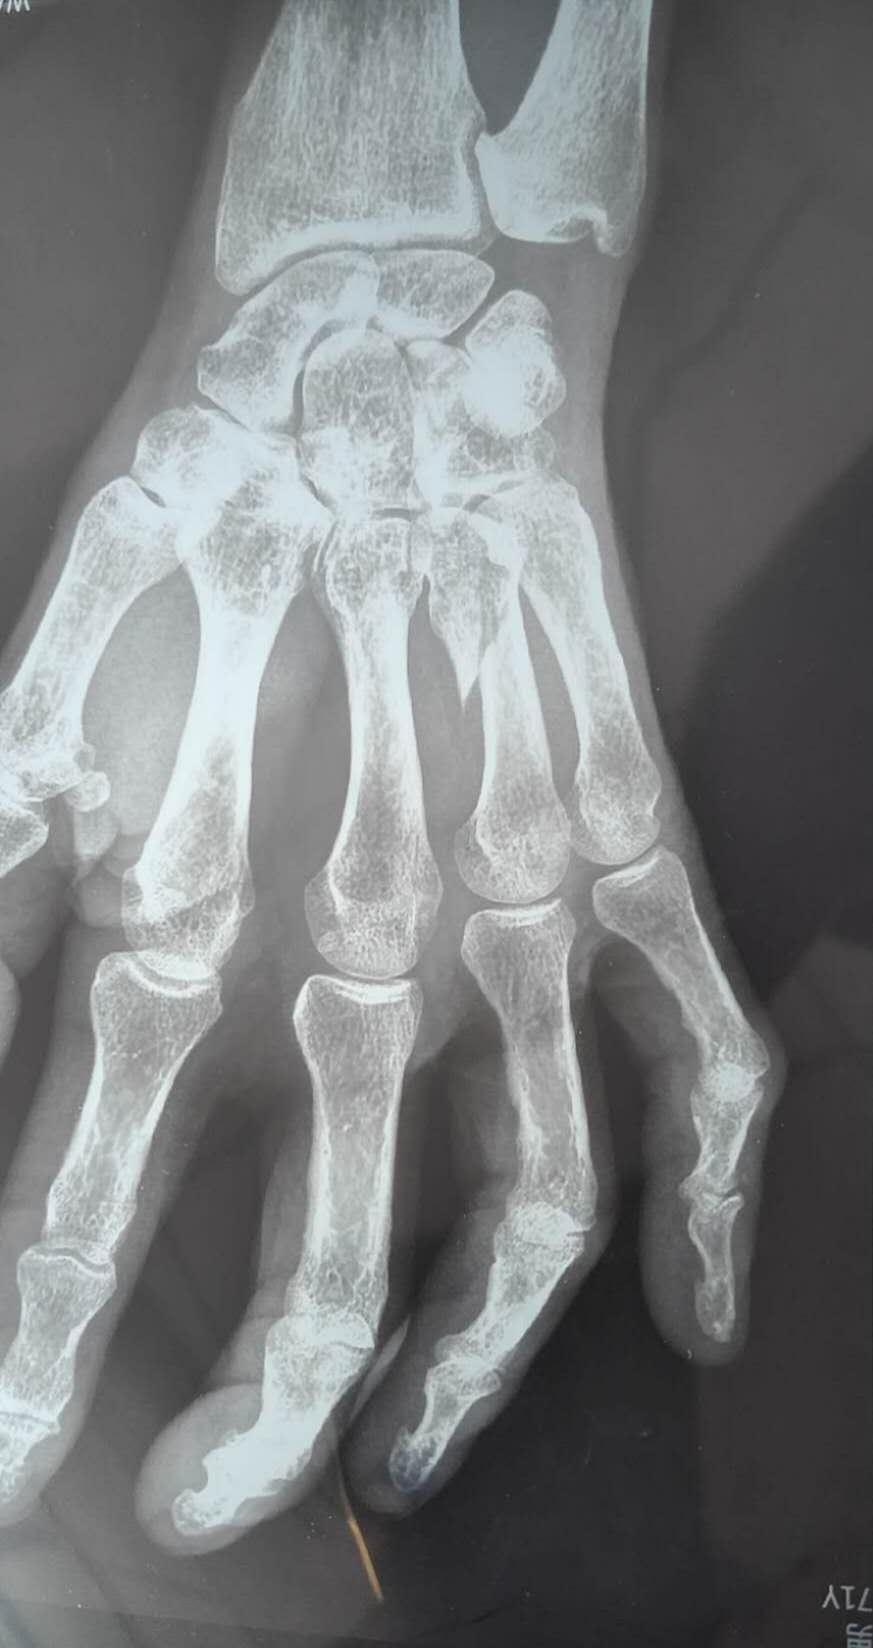 CT显示伤者的左手第4掌骨完全性骨折。受访者供图